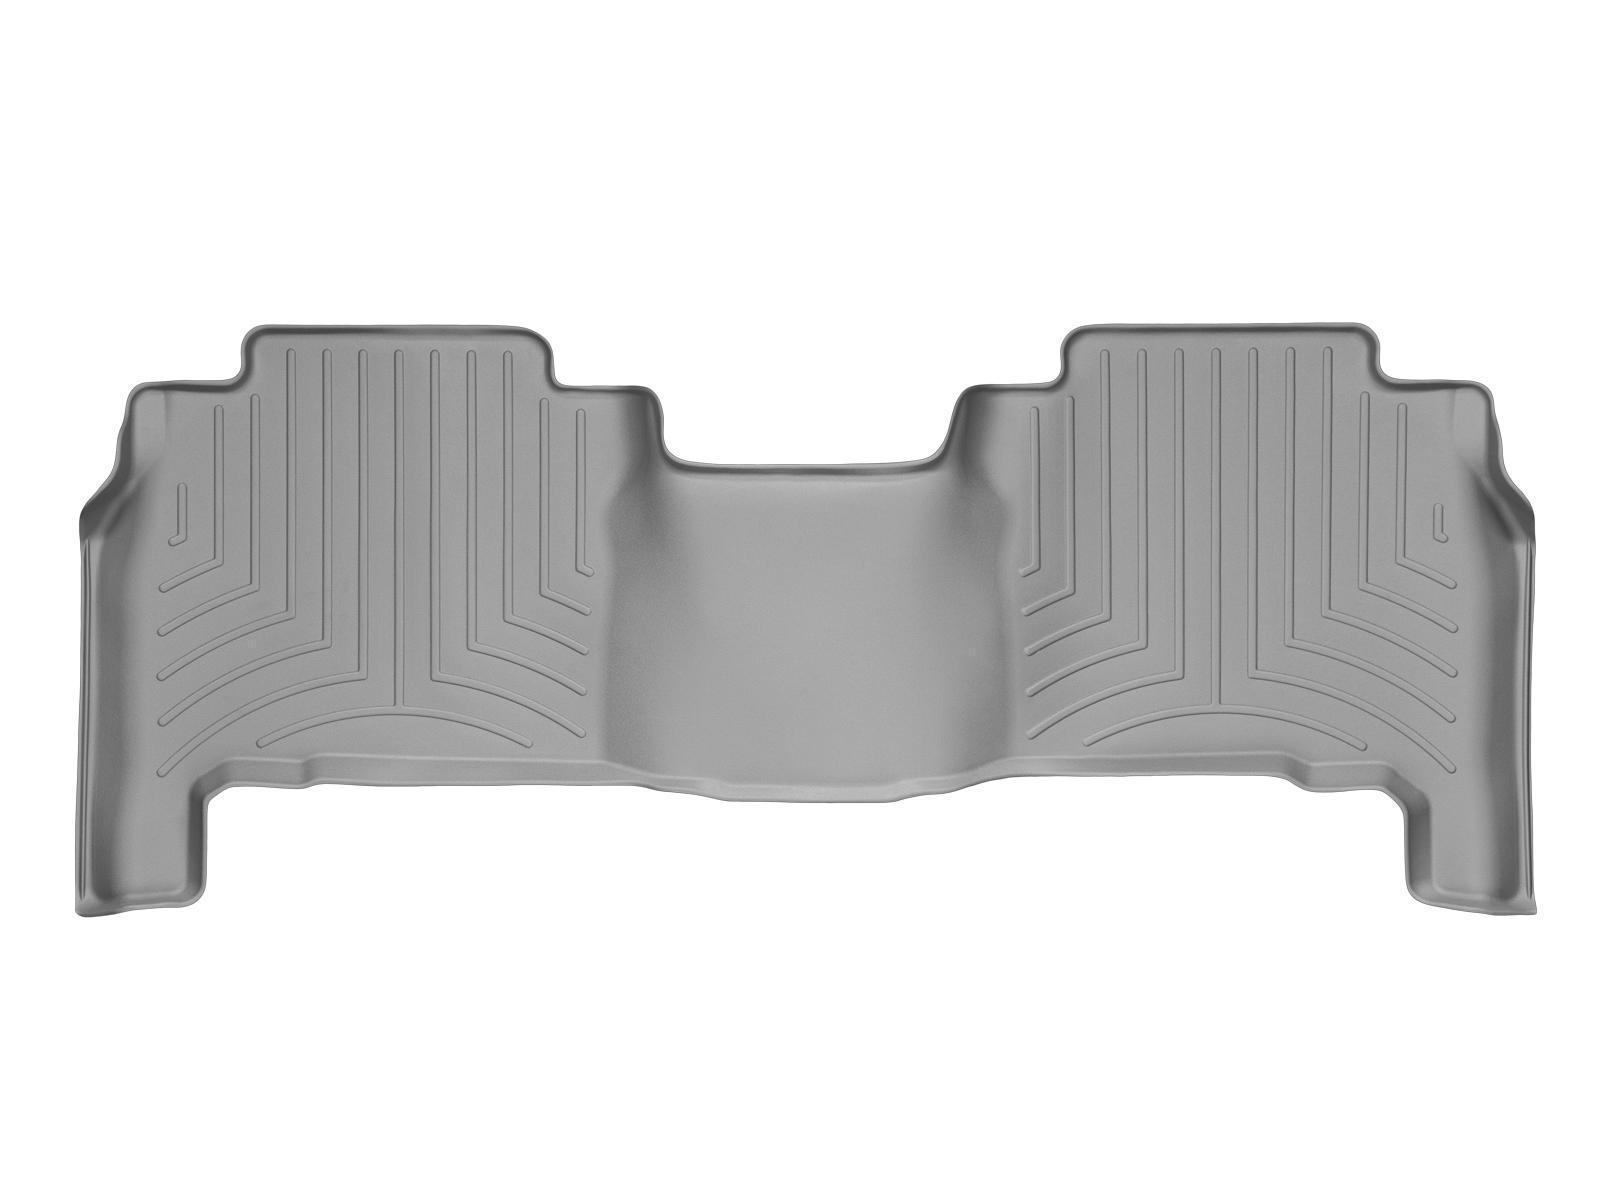 Tappeti gomma su misura bordo alto Toyota Land Cruiser V8 08>17 Grigio A3702*